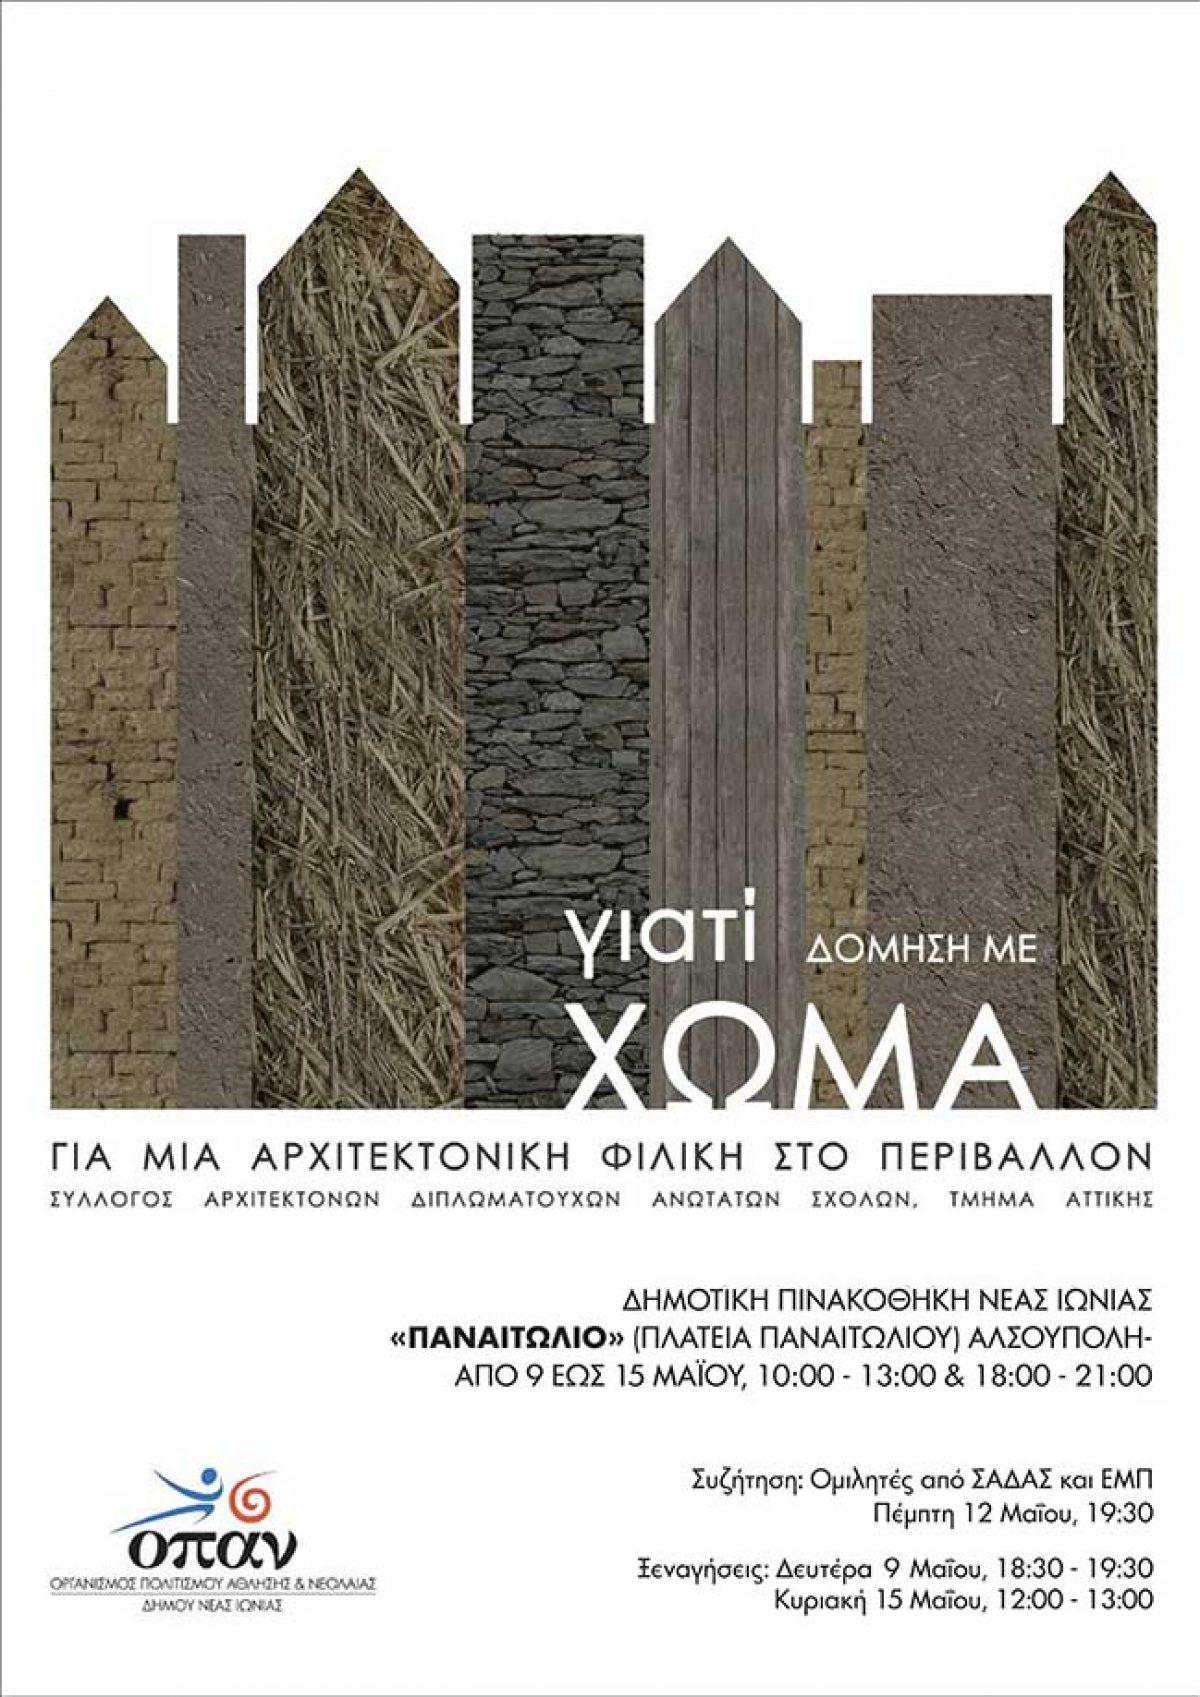 Έκθεση με θέμα «Για μια Αρχιτεκτονική Φιλική προς το Περιβάλλον : Γιατί δόμηση με χώμα;» και Συζήτηση για τη φυσική δόμηση στη Νέα Ιωνία (120516)